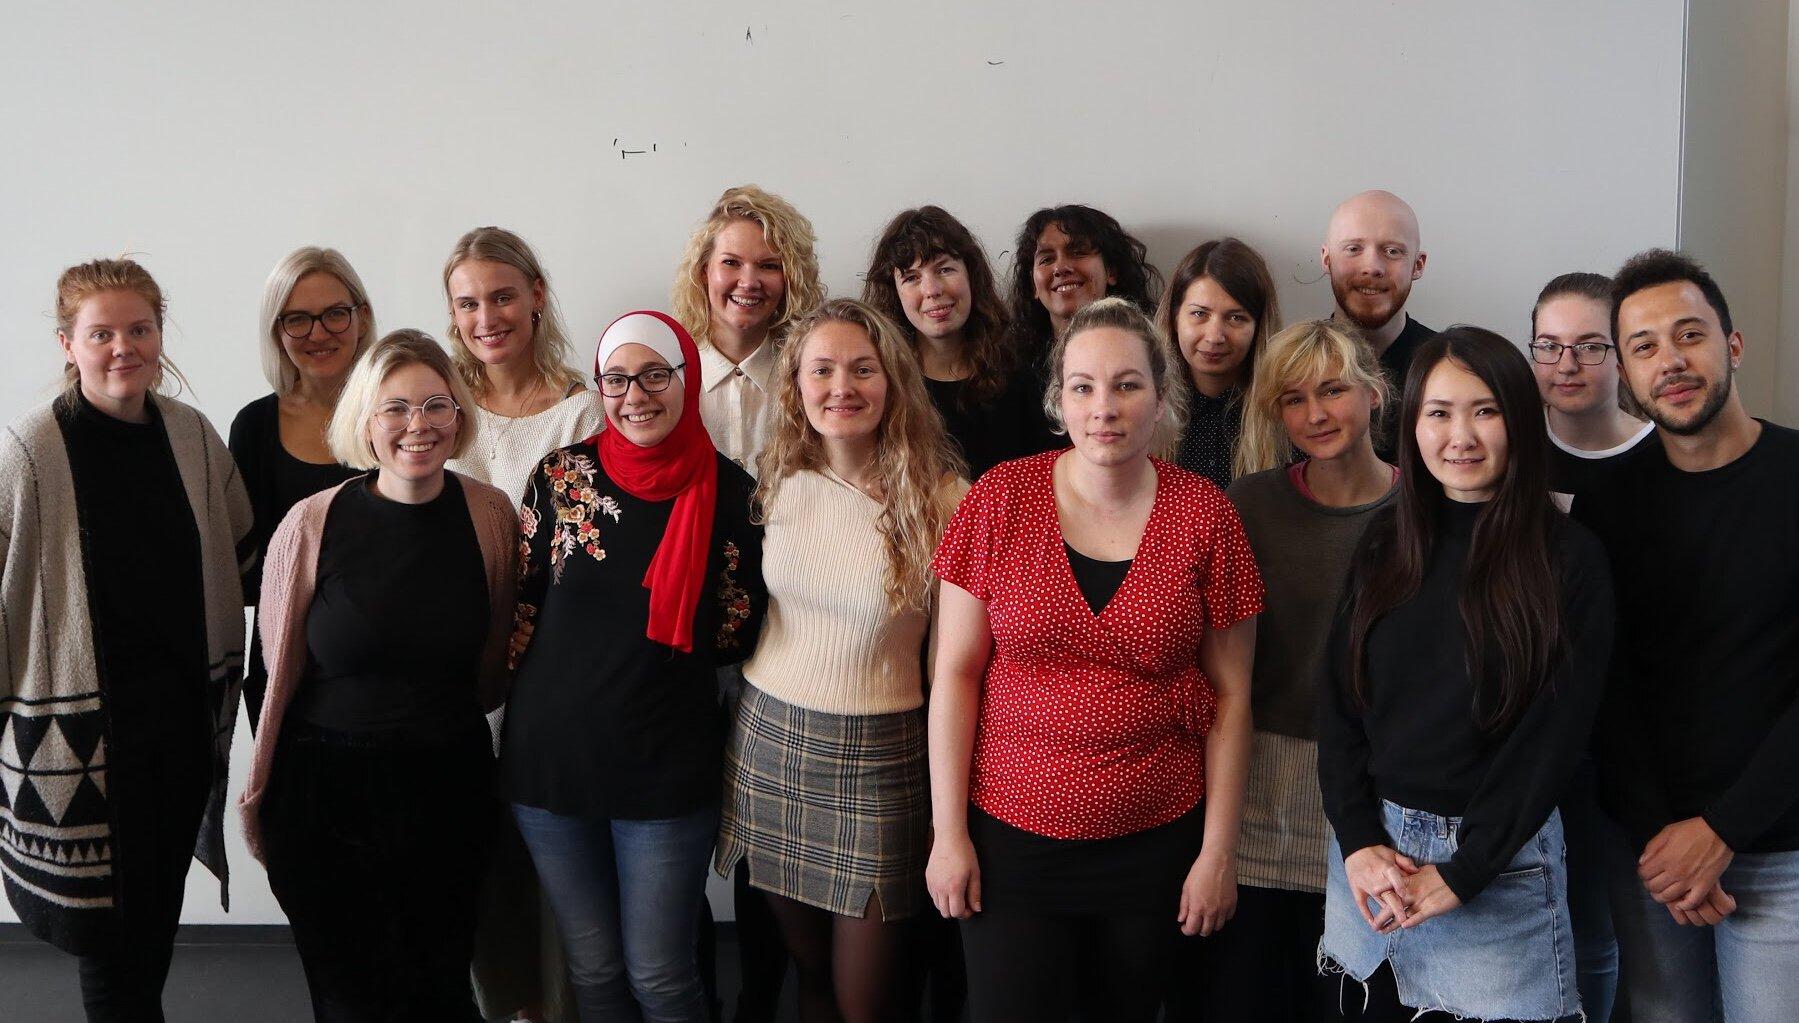 Sjálfboðaliðar, verkefnastjórar og Studenterhuset // Volunteers, project managers and Studenterhuset